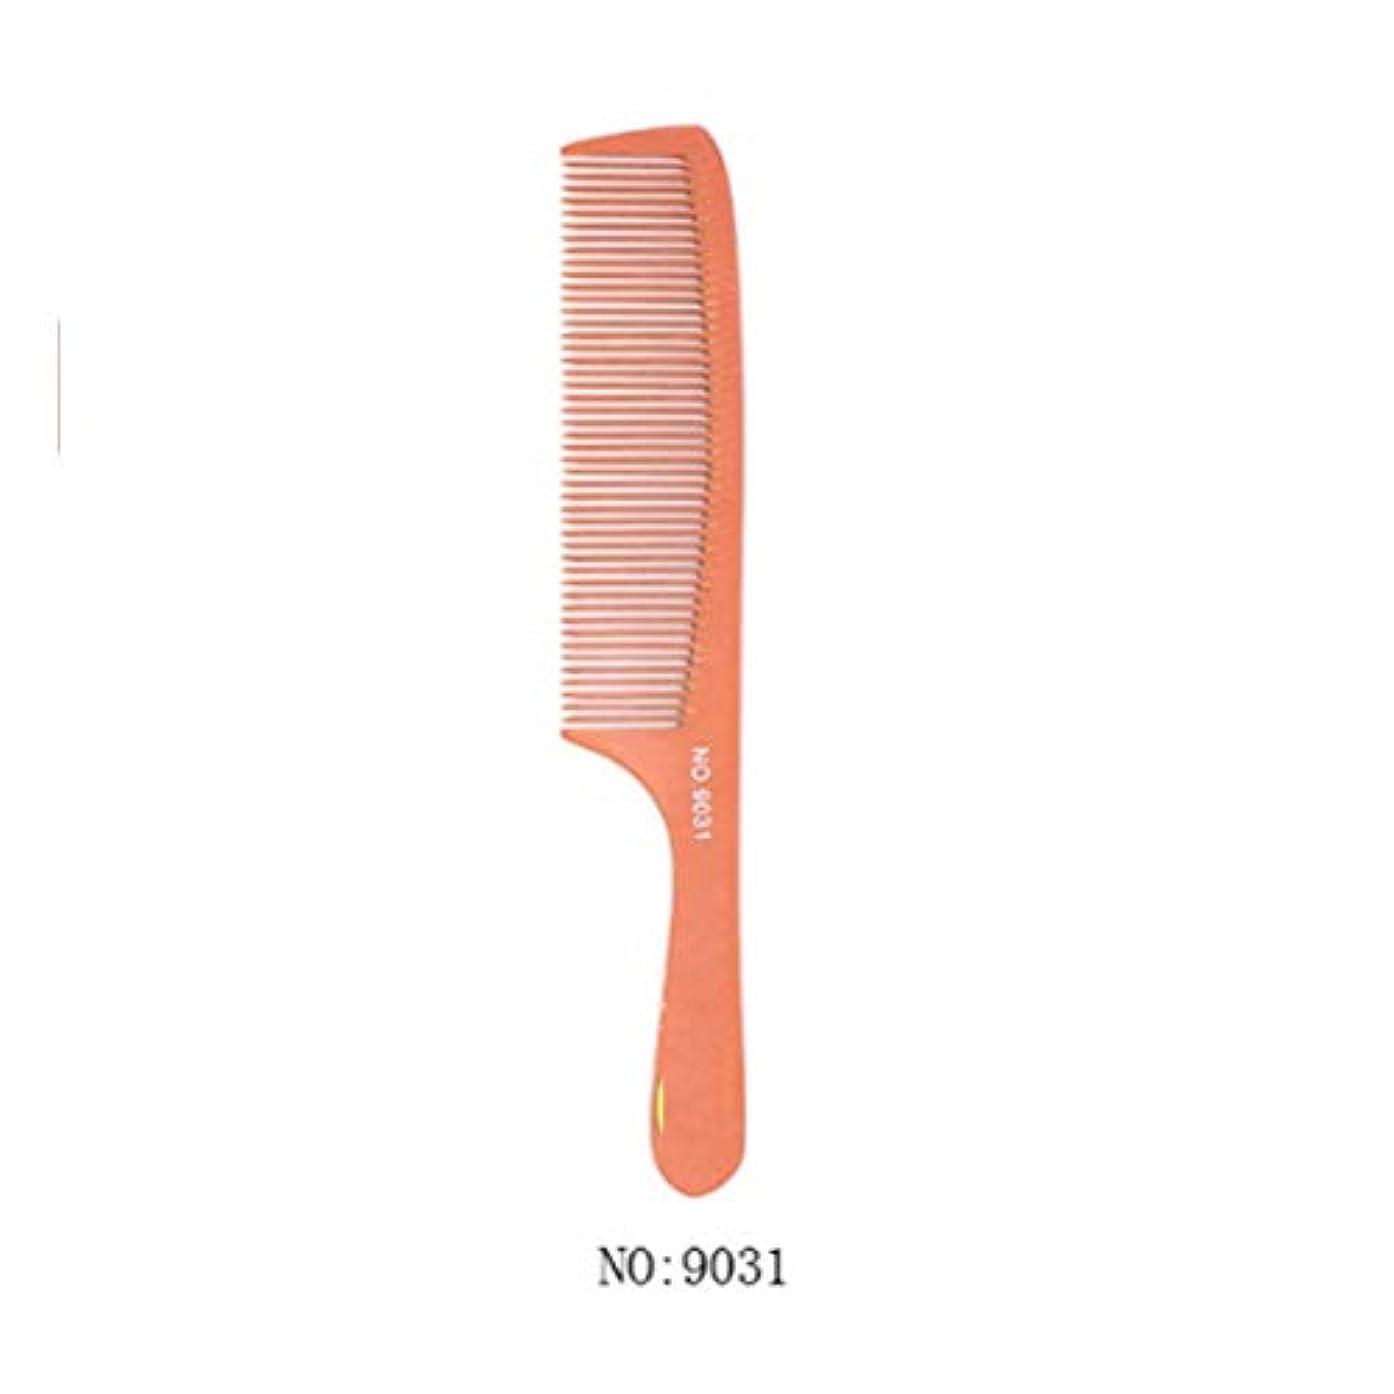 雷雨証明不要ひげそりの家族 - アンチスタティック&ノースラグ手作りブラシ - ひげ、頭髪、口ひげ (Design : 9031)